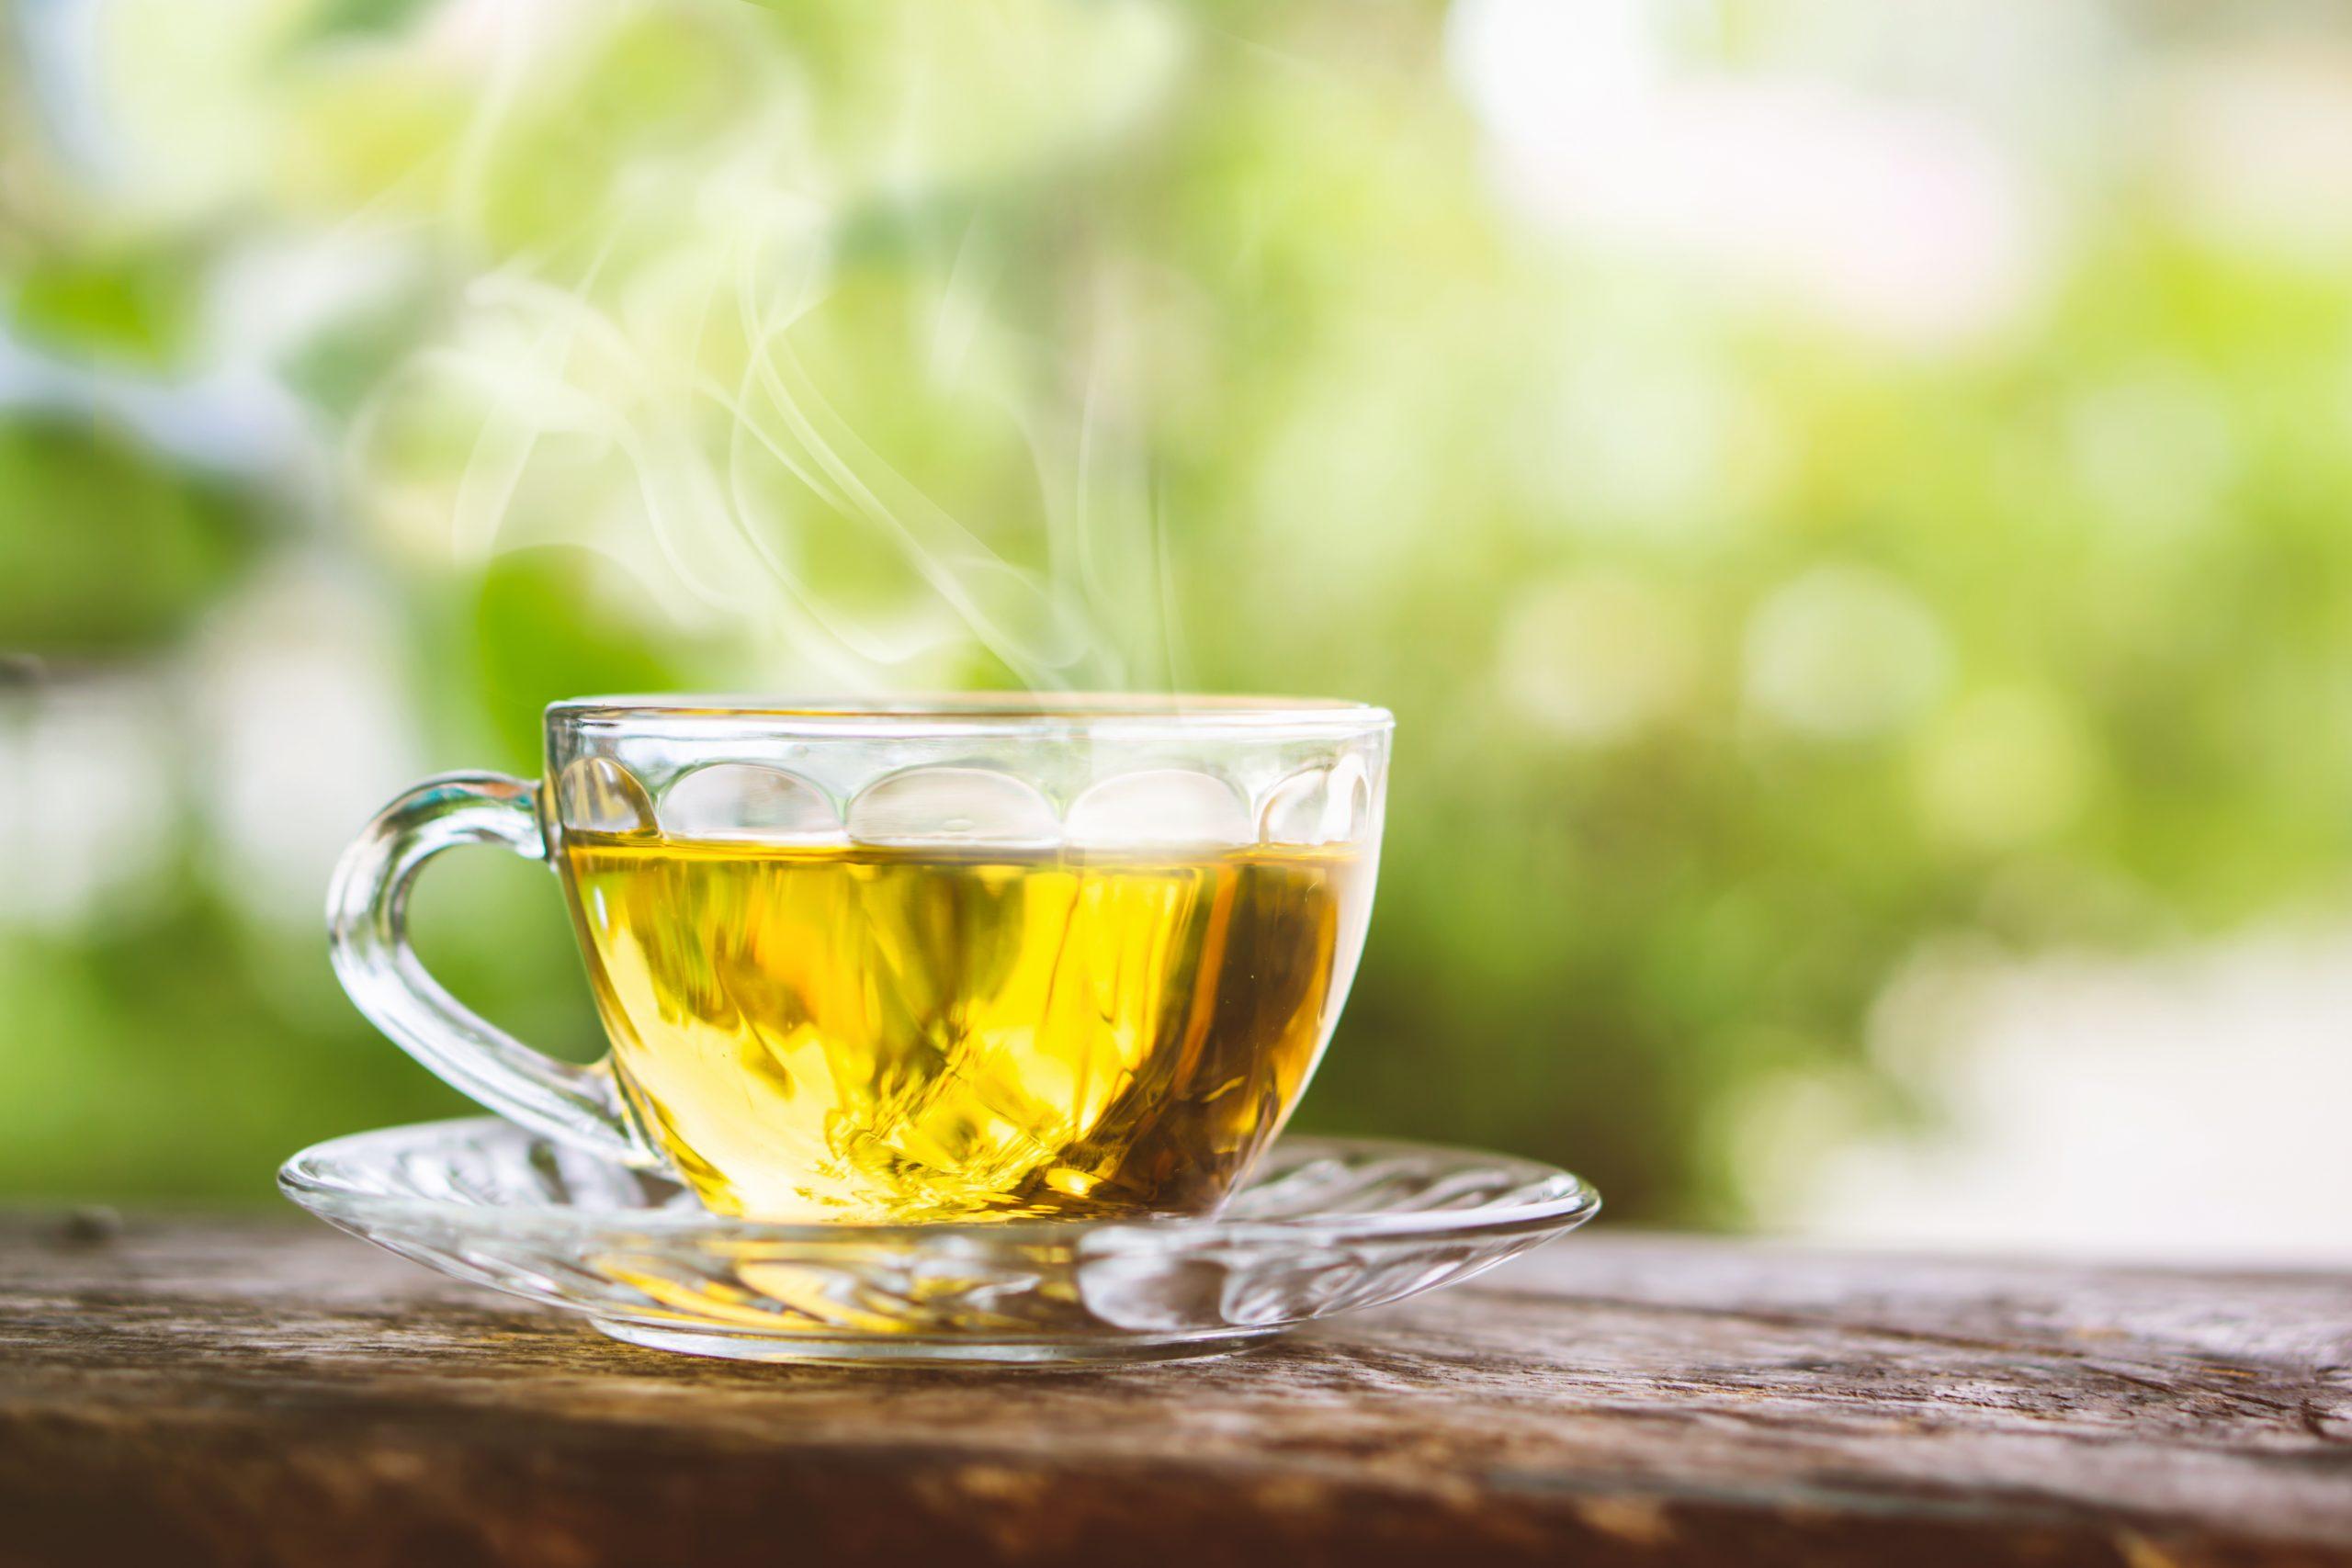 Diferença entre chá, infusão, tisana e rooibos